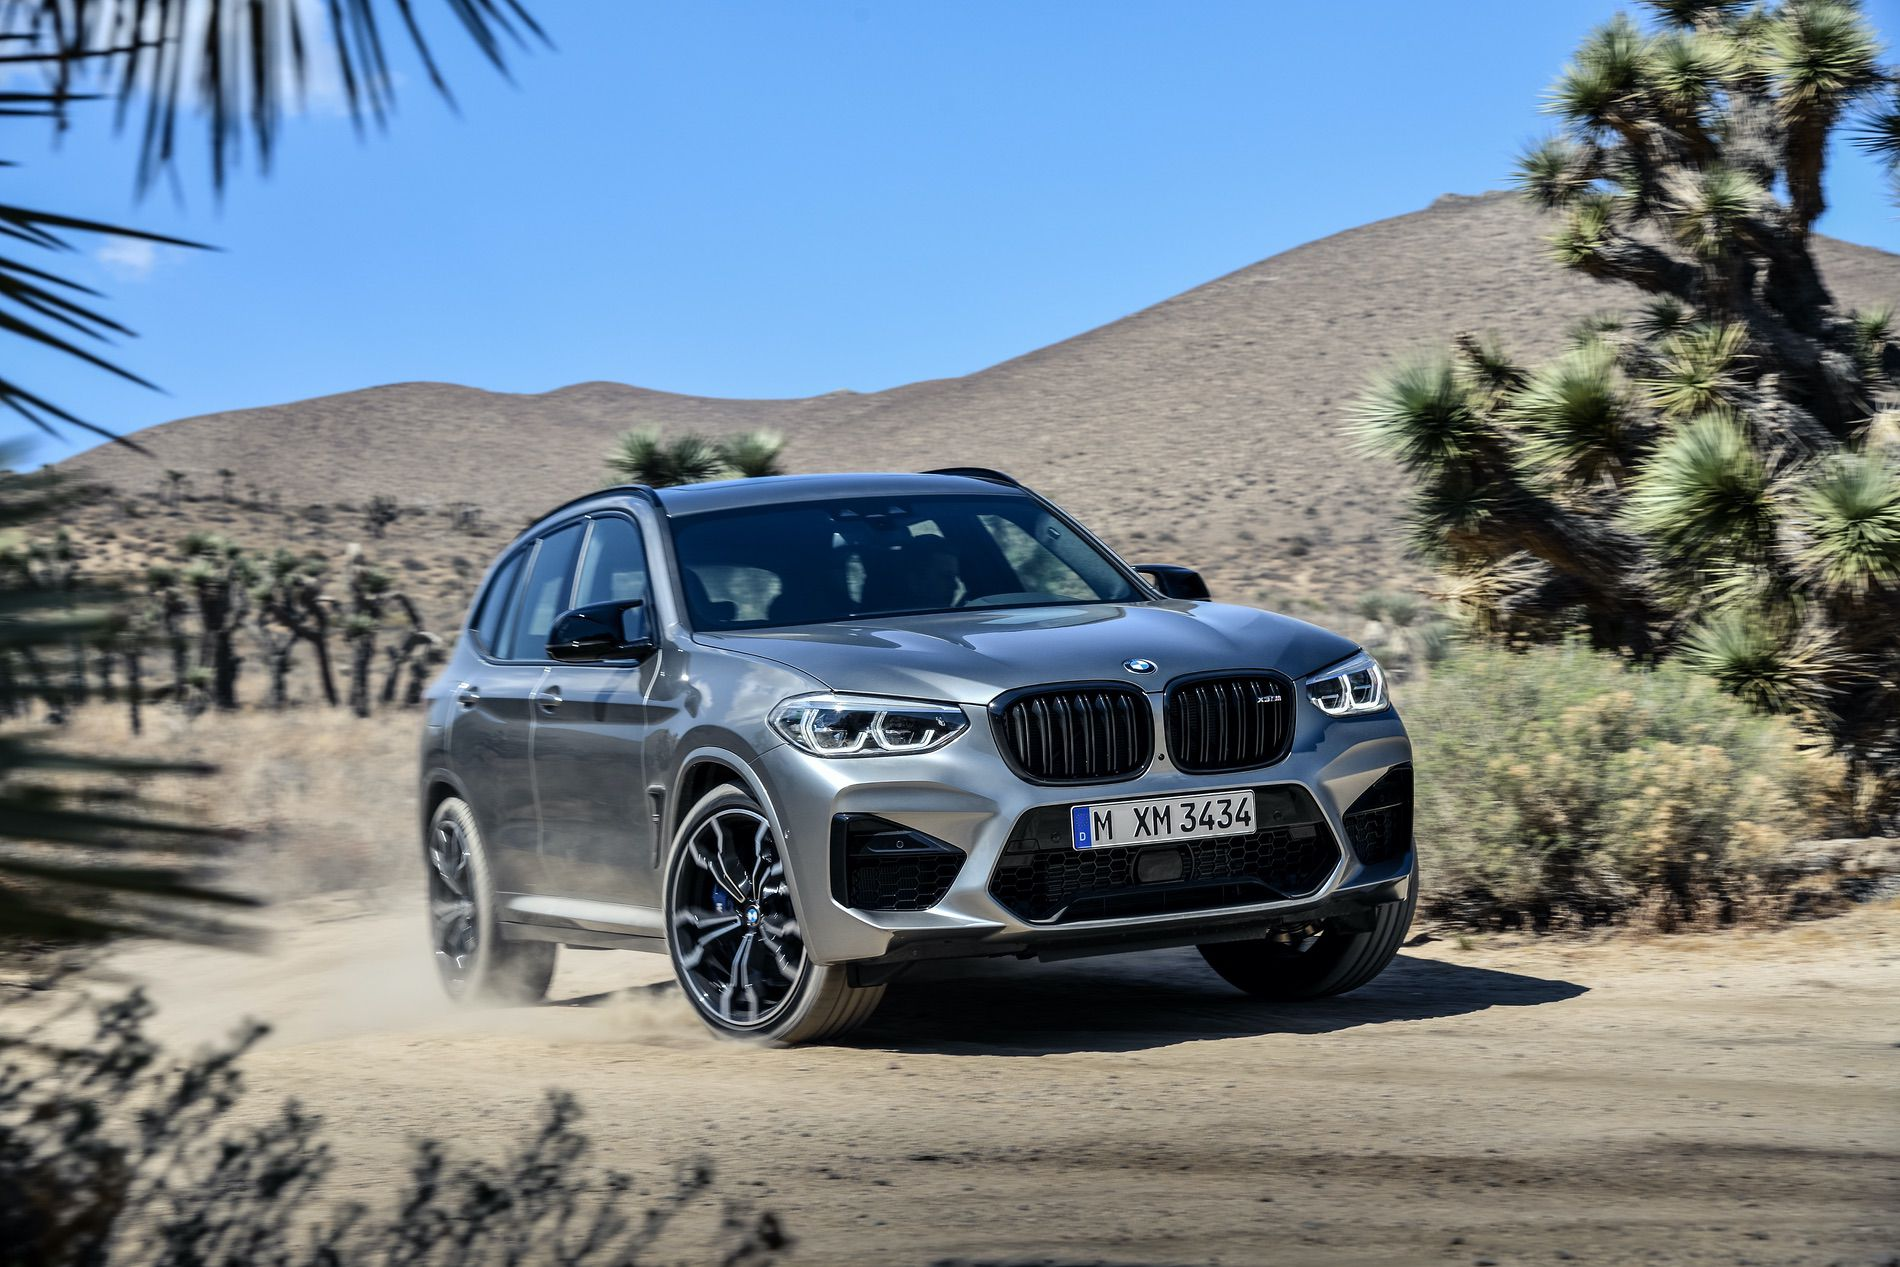 BMW X3M 2019 images 07 1